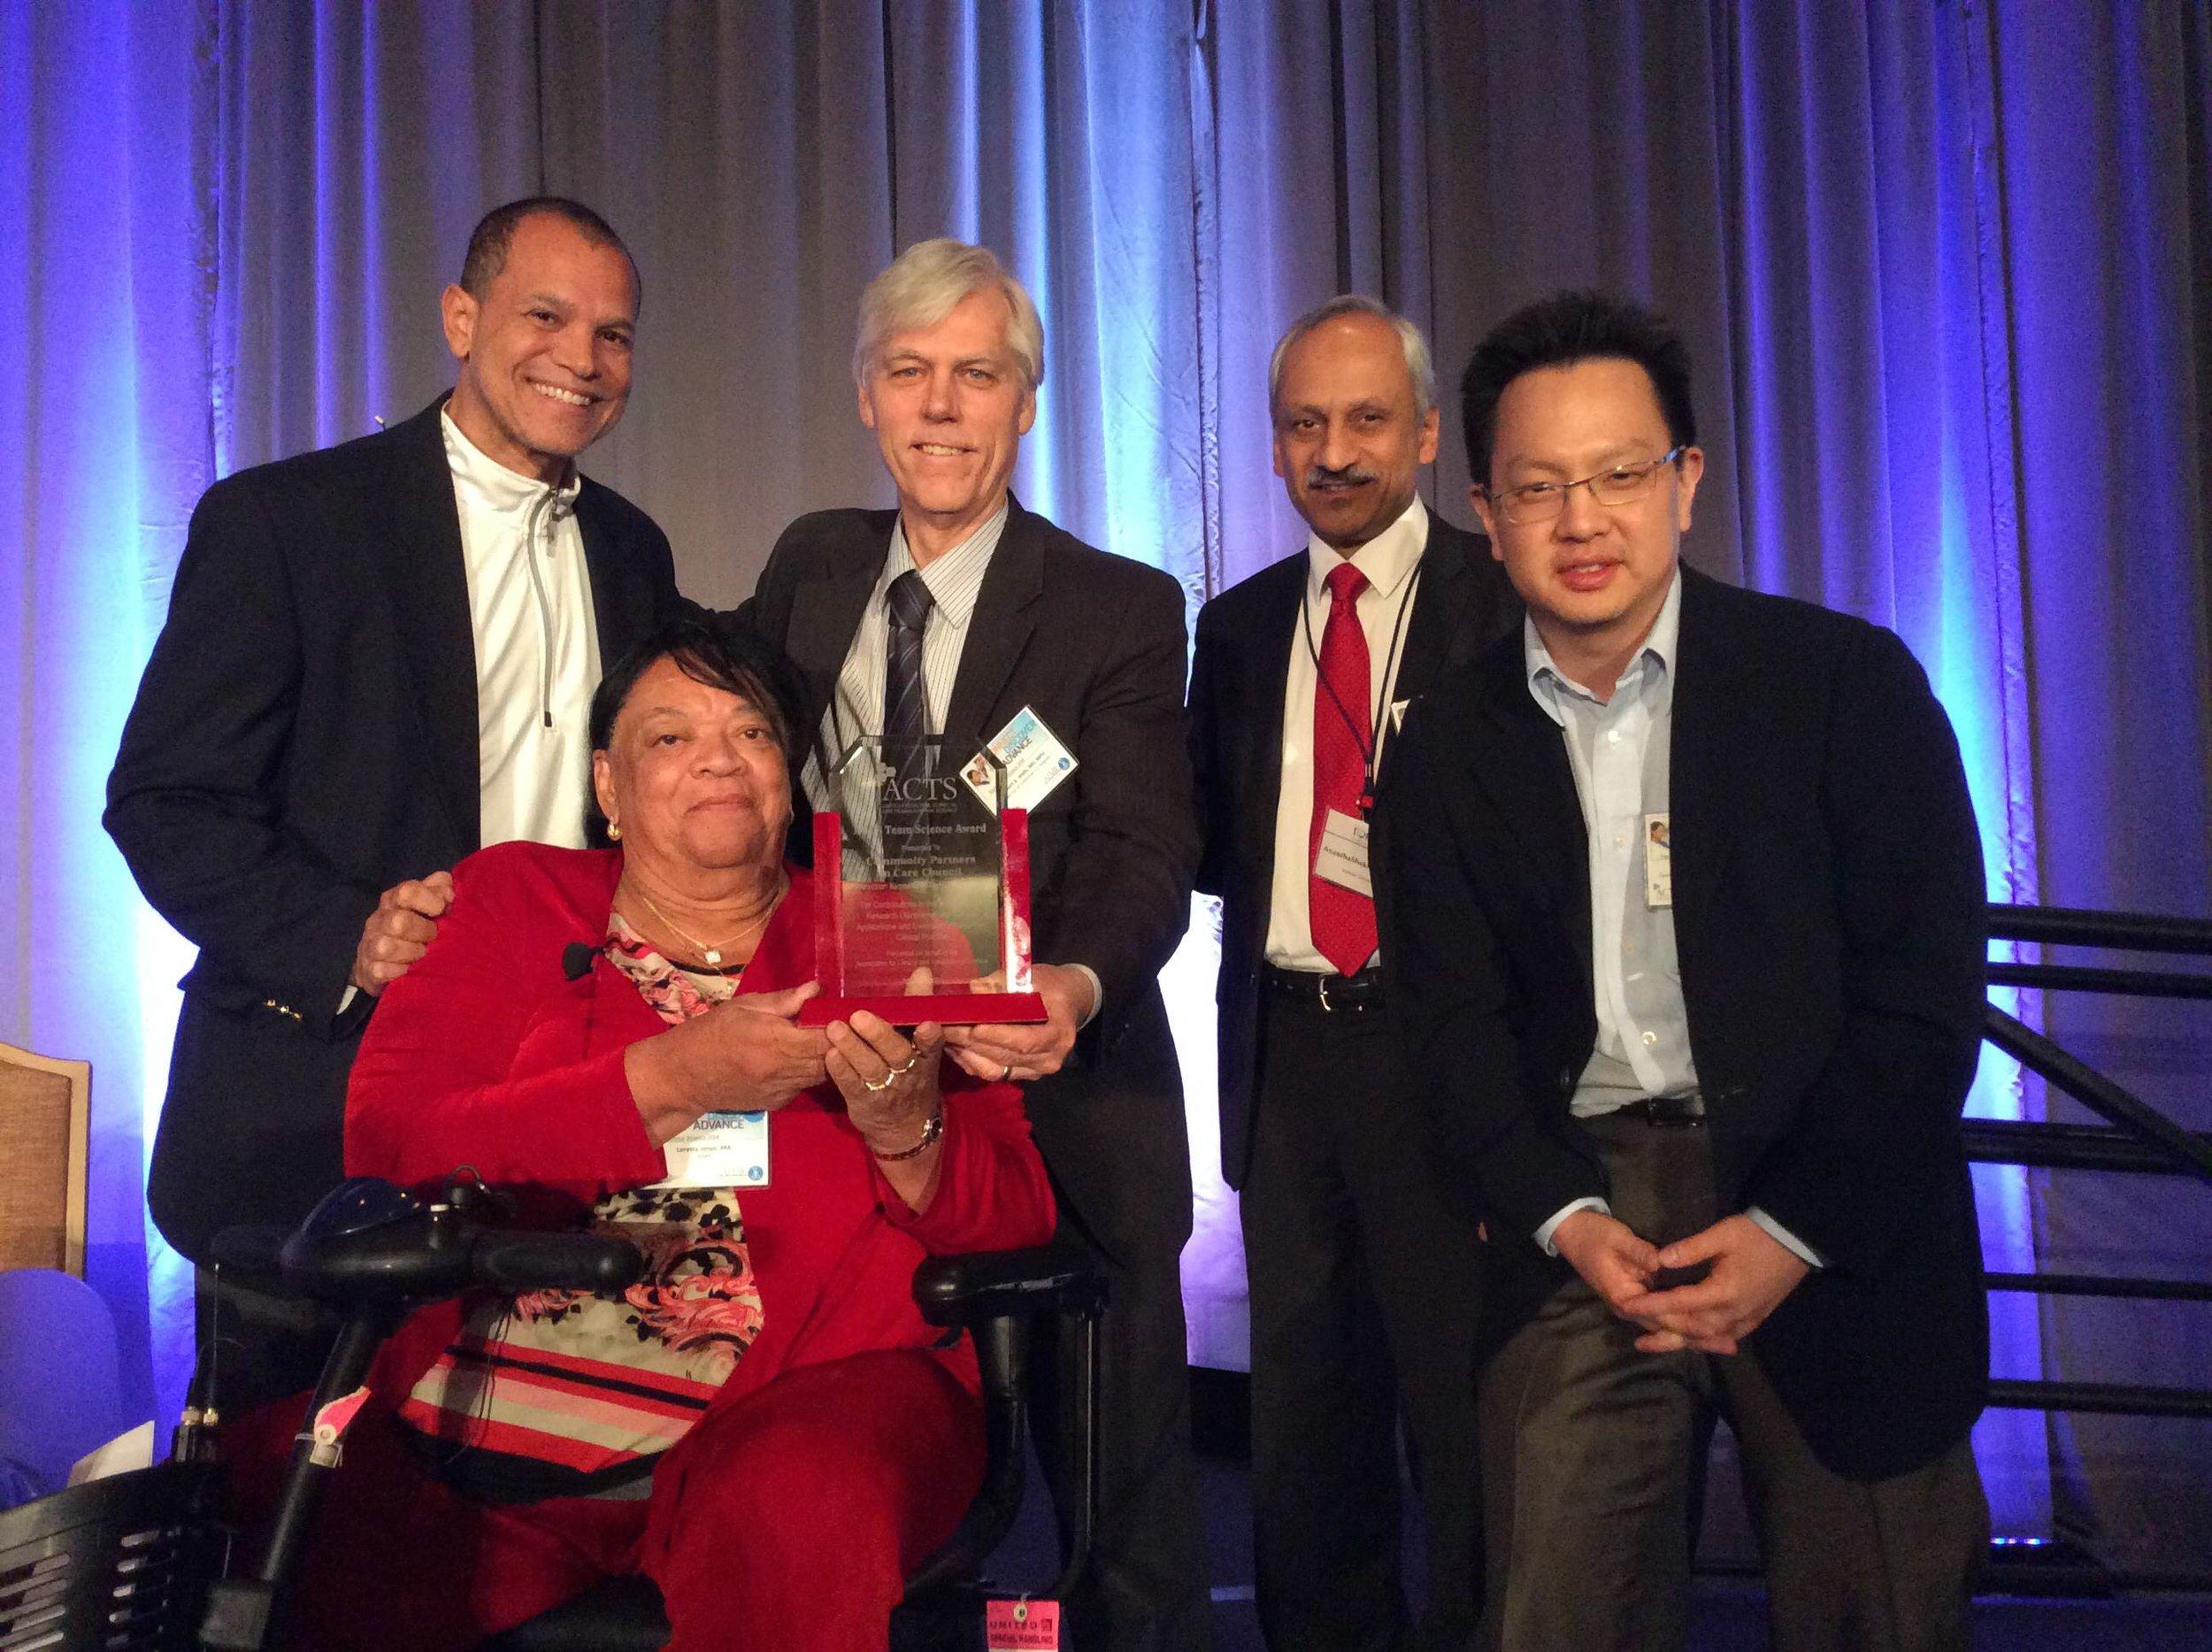 Copy of CPIC 2014 Team Science Award.jpg